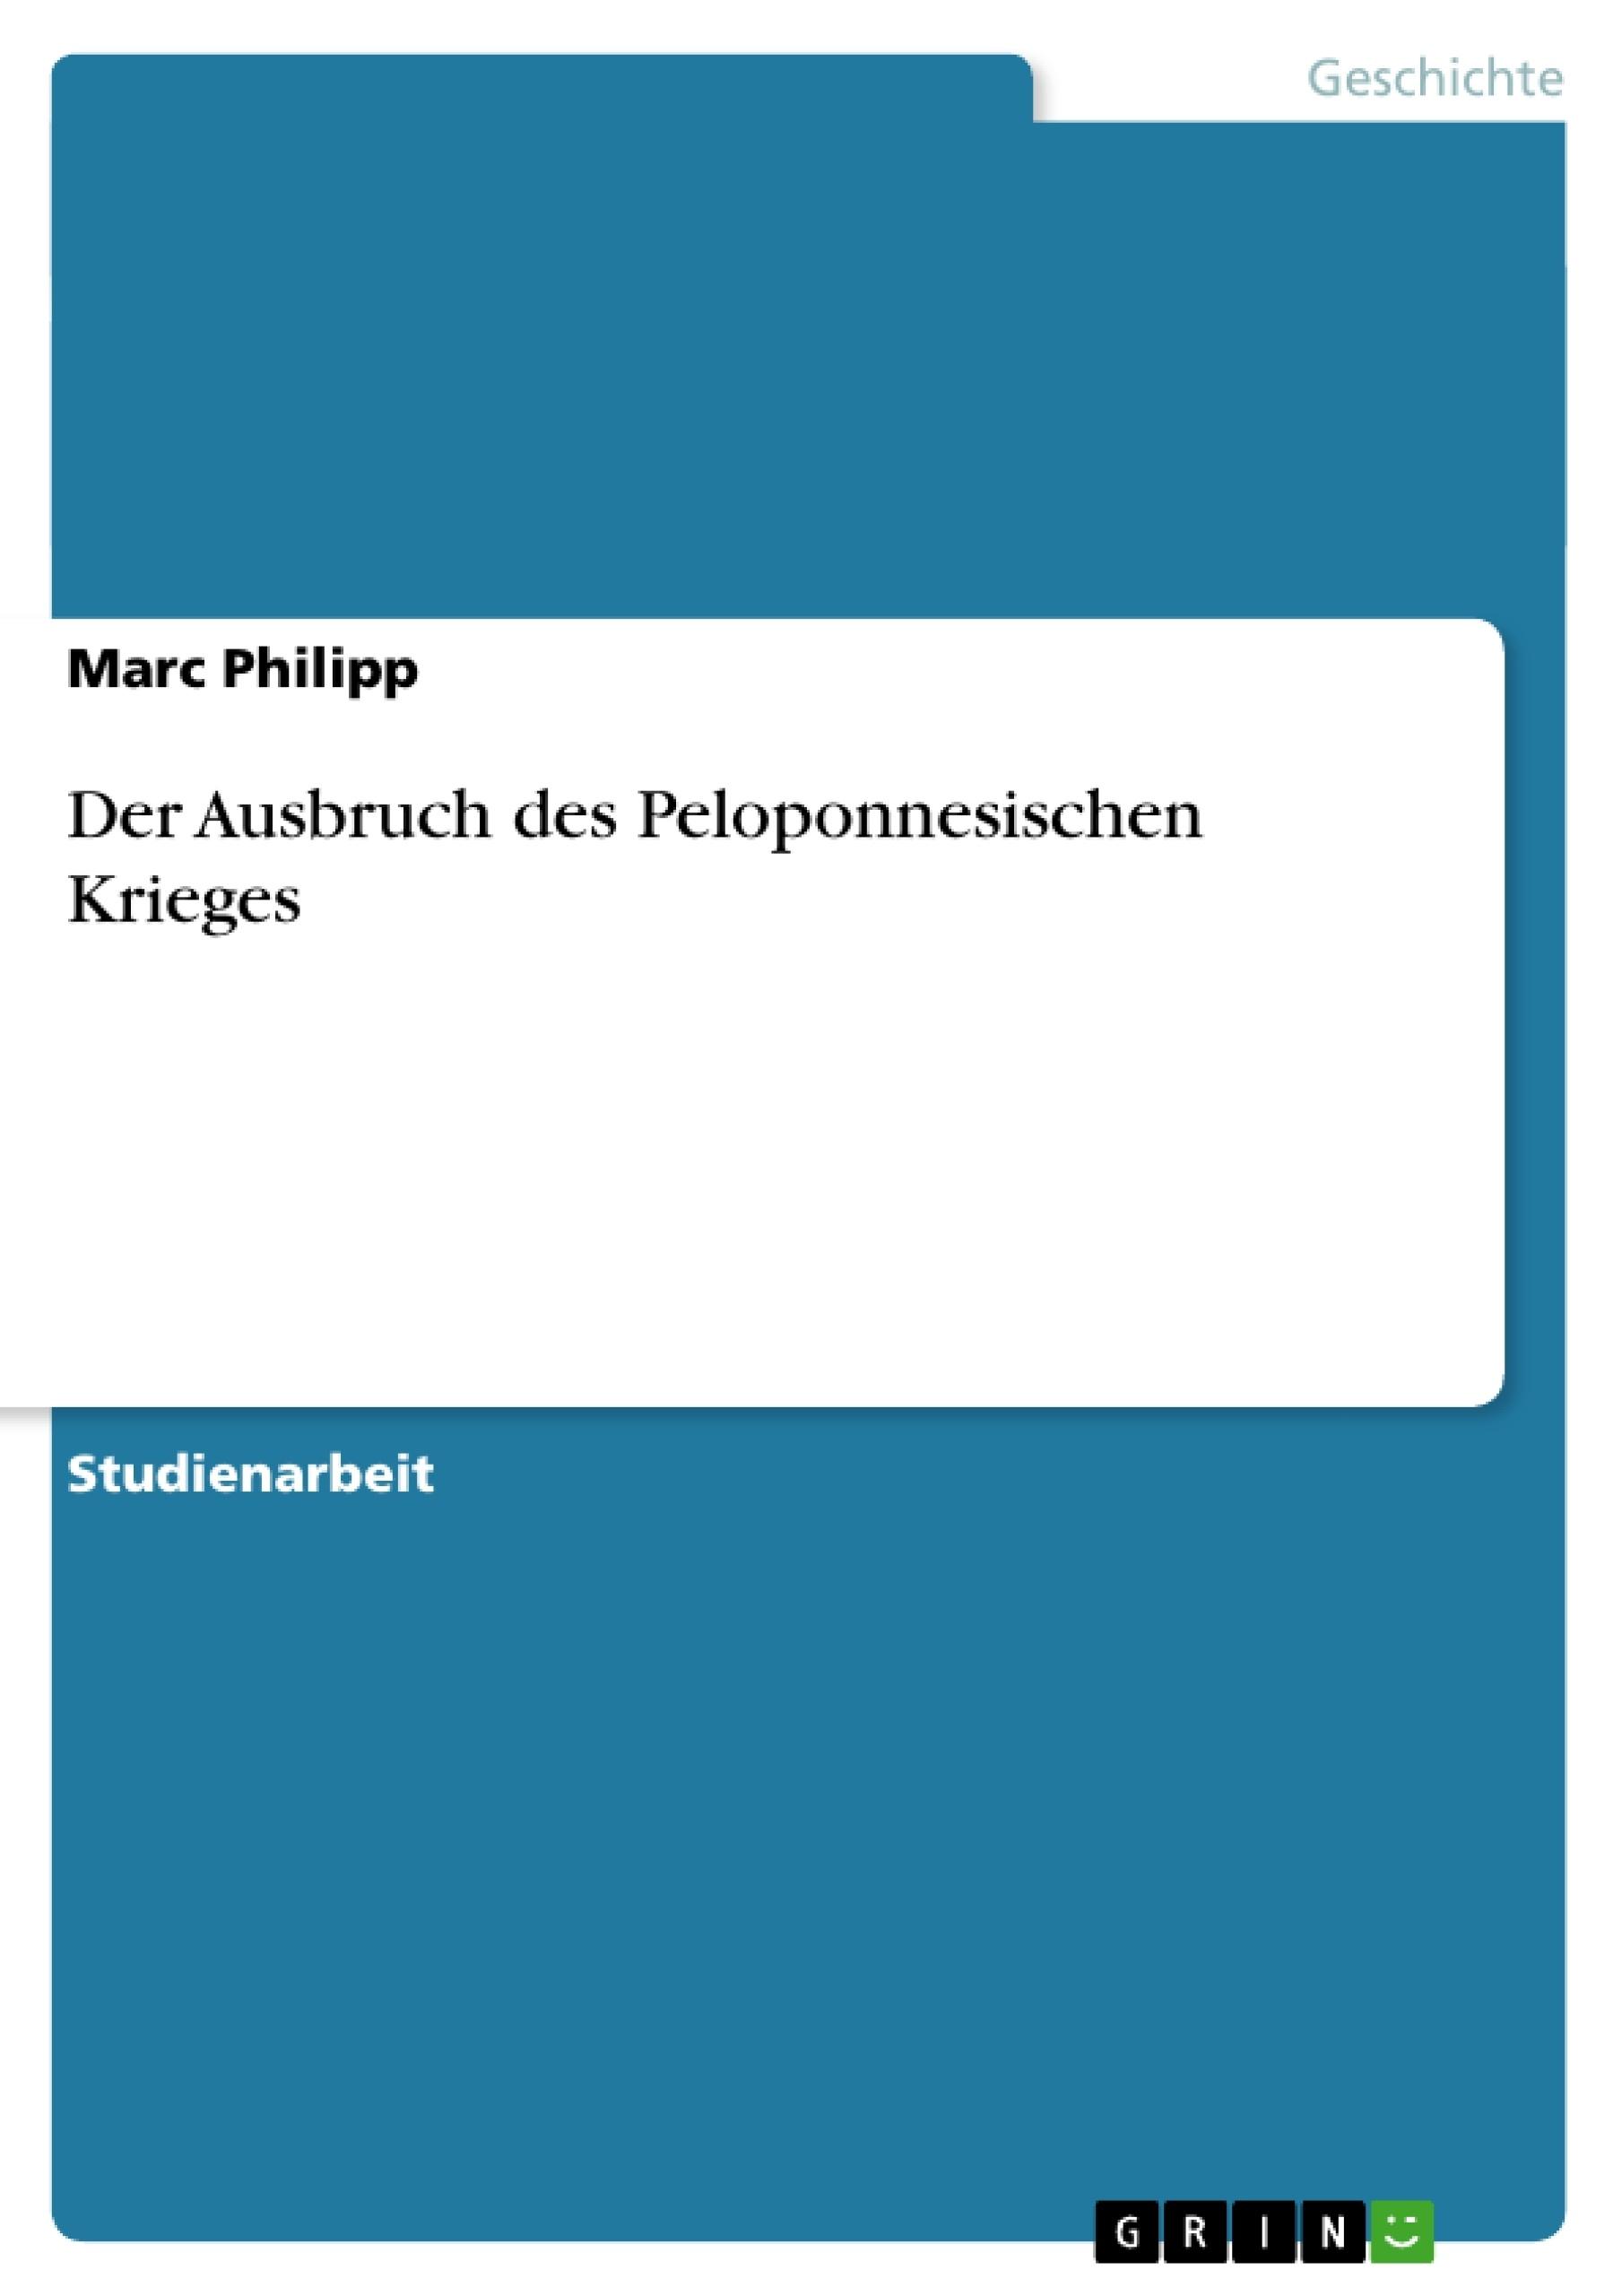 Titel: Der Ausbruch des Peloponnesischen Krieges